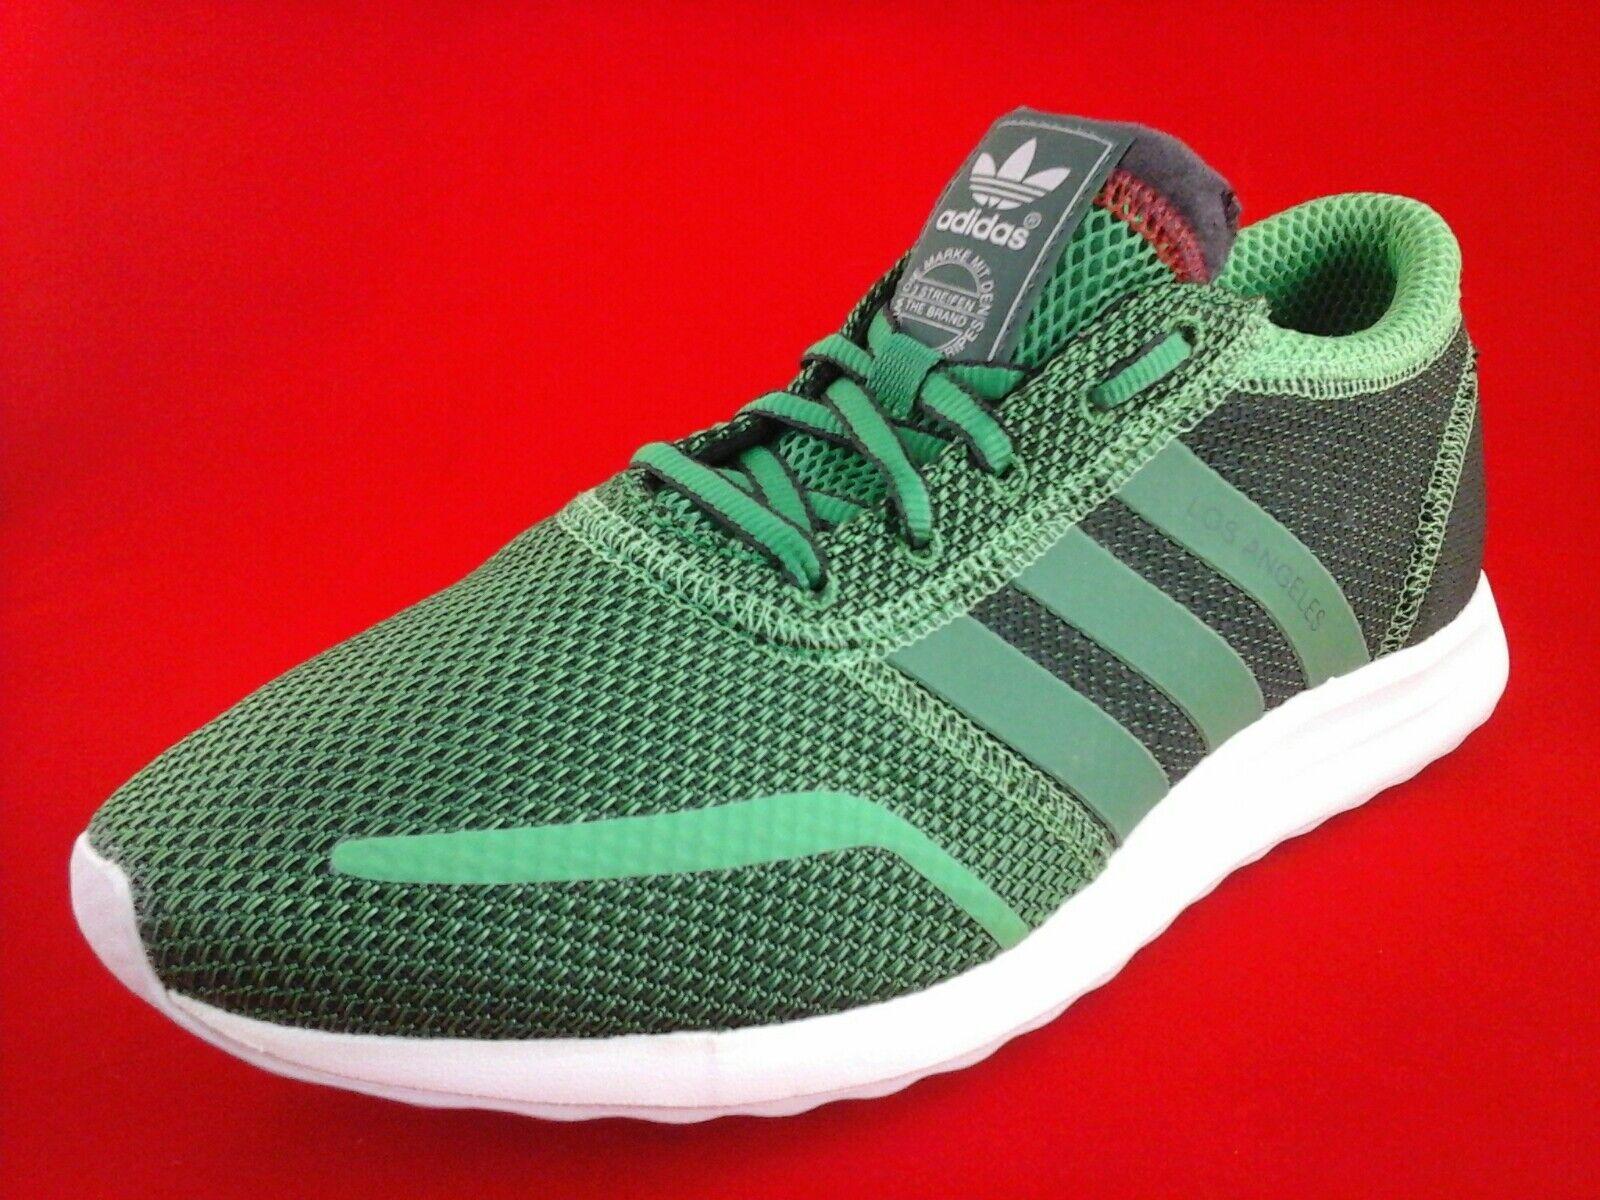 Adidas Originals LA Los Verde Angeles AF4232 Tenis Zapatos Verde Los nos 9.5 /3 Nuevo d3c21f